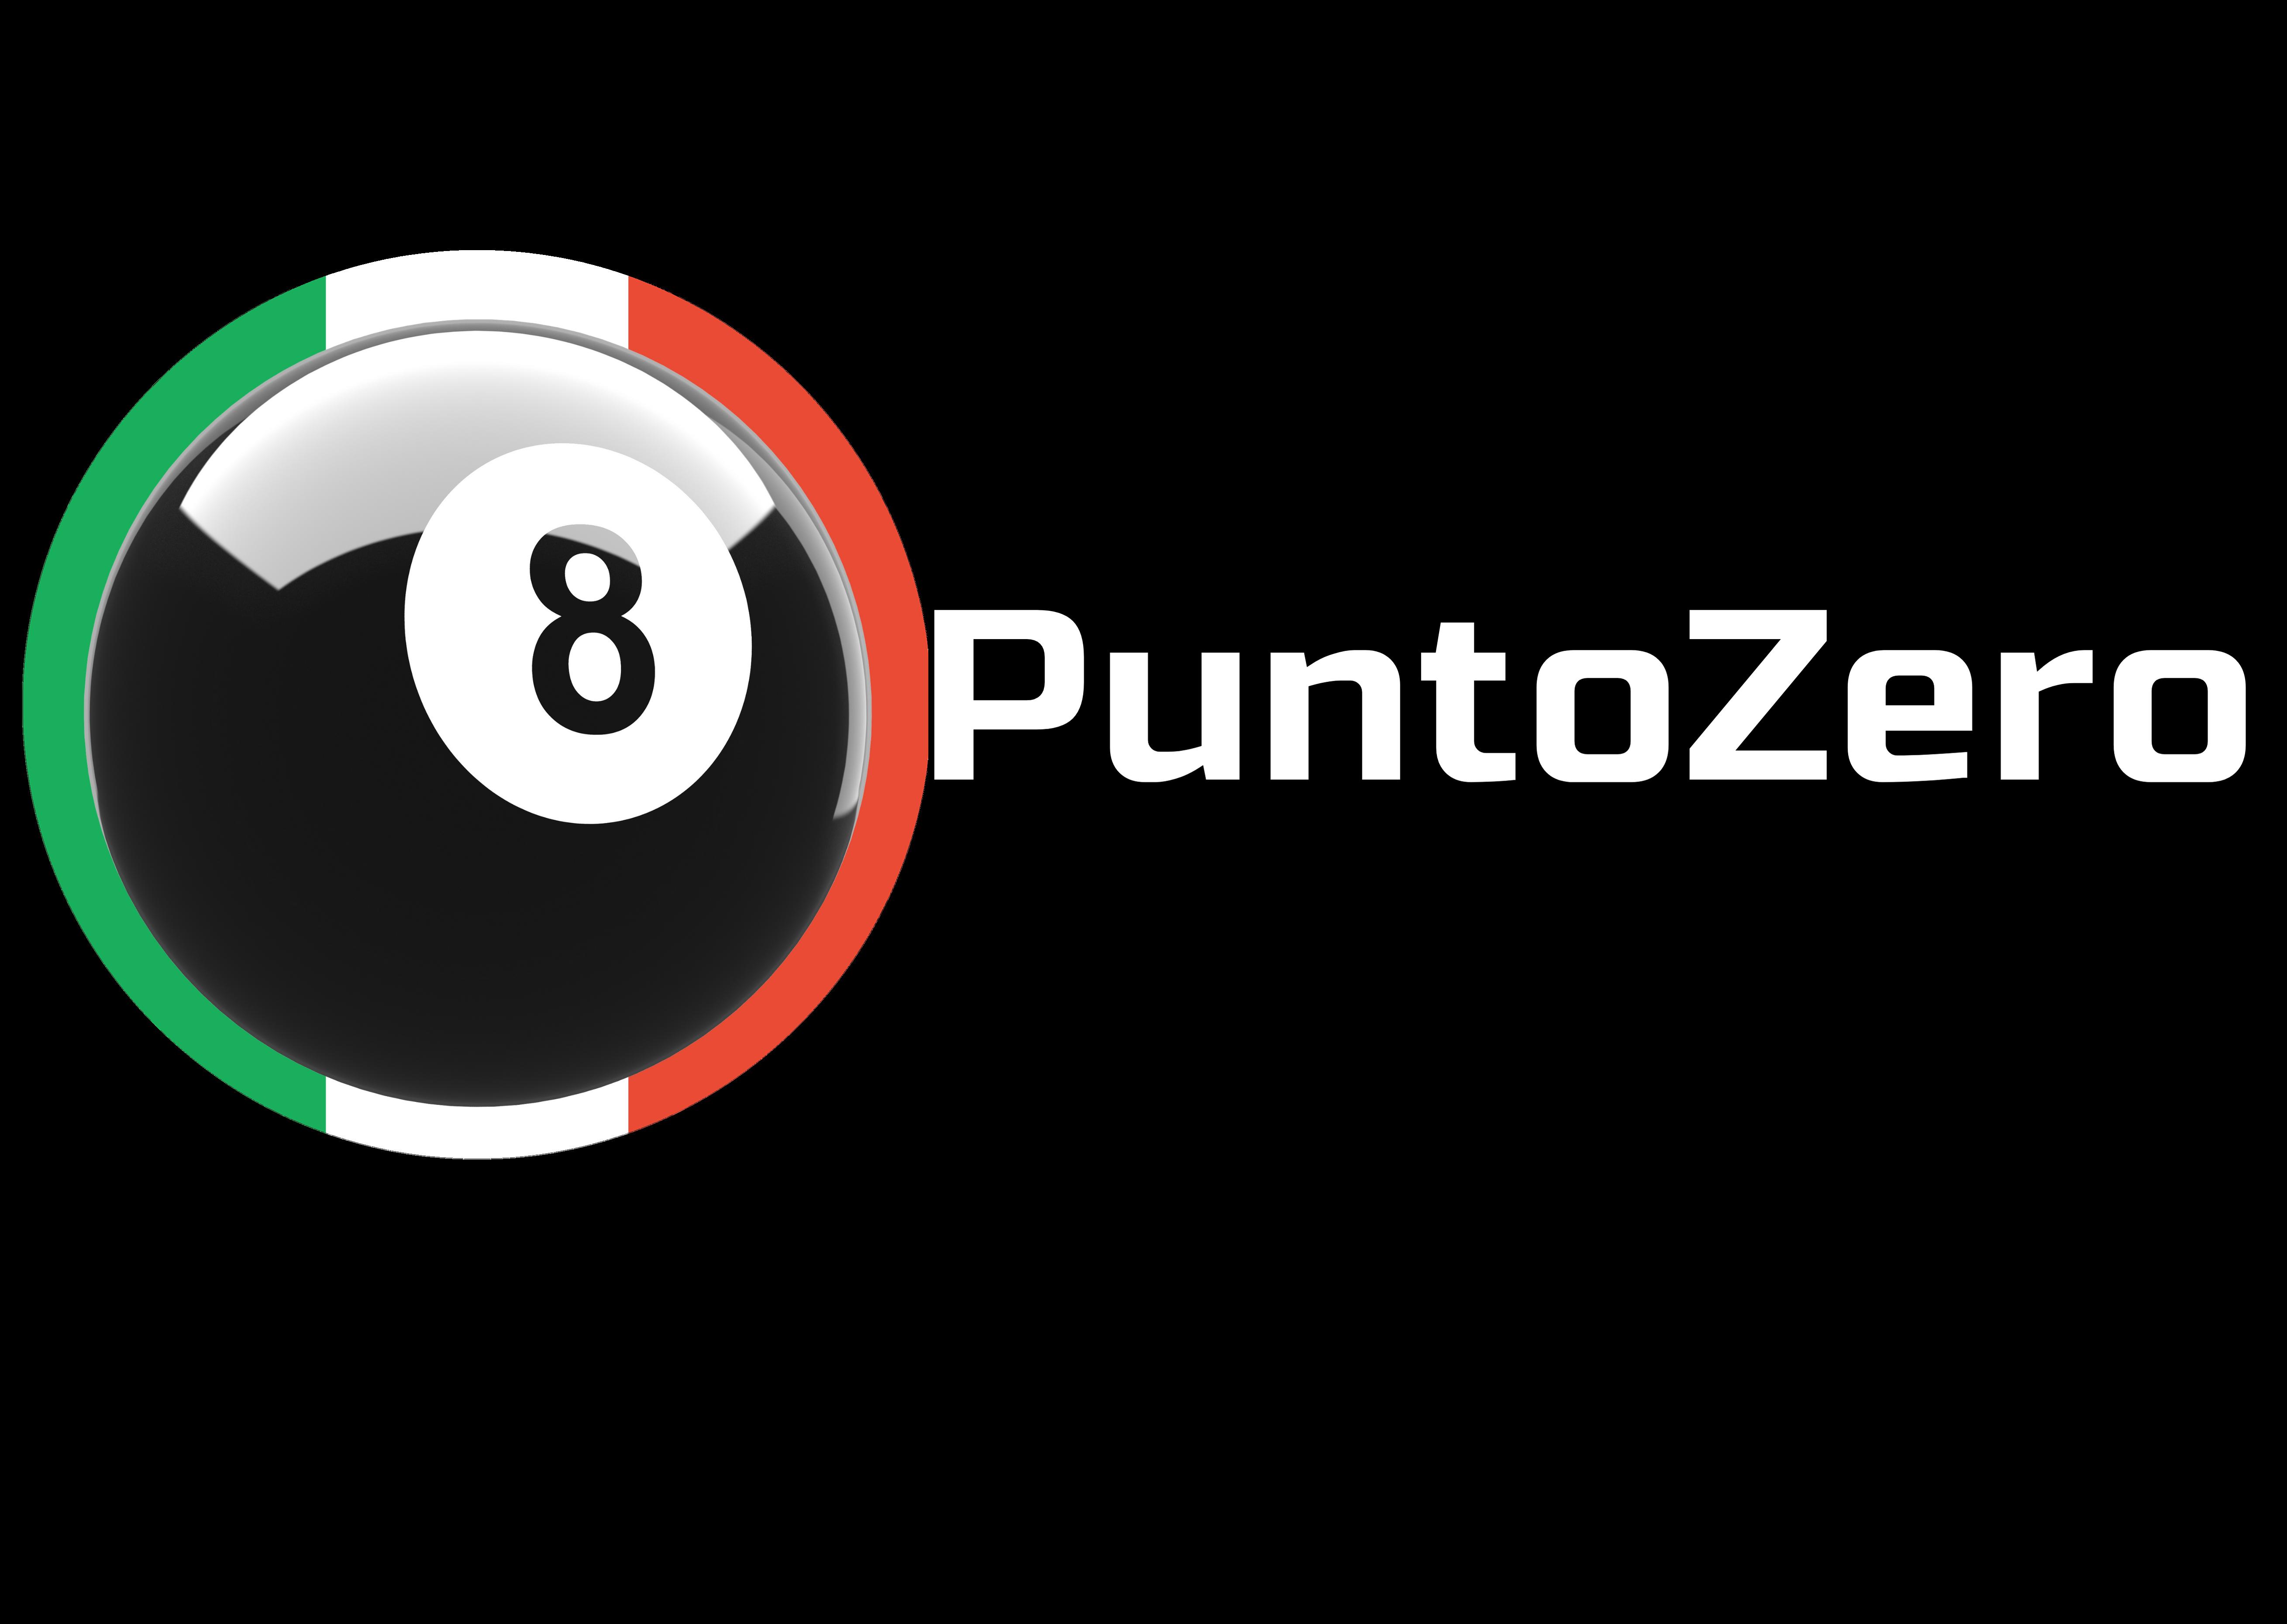 8puntozero